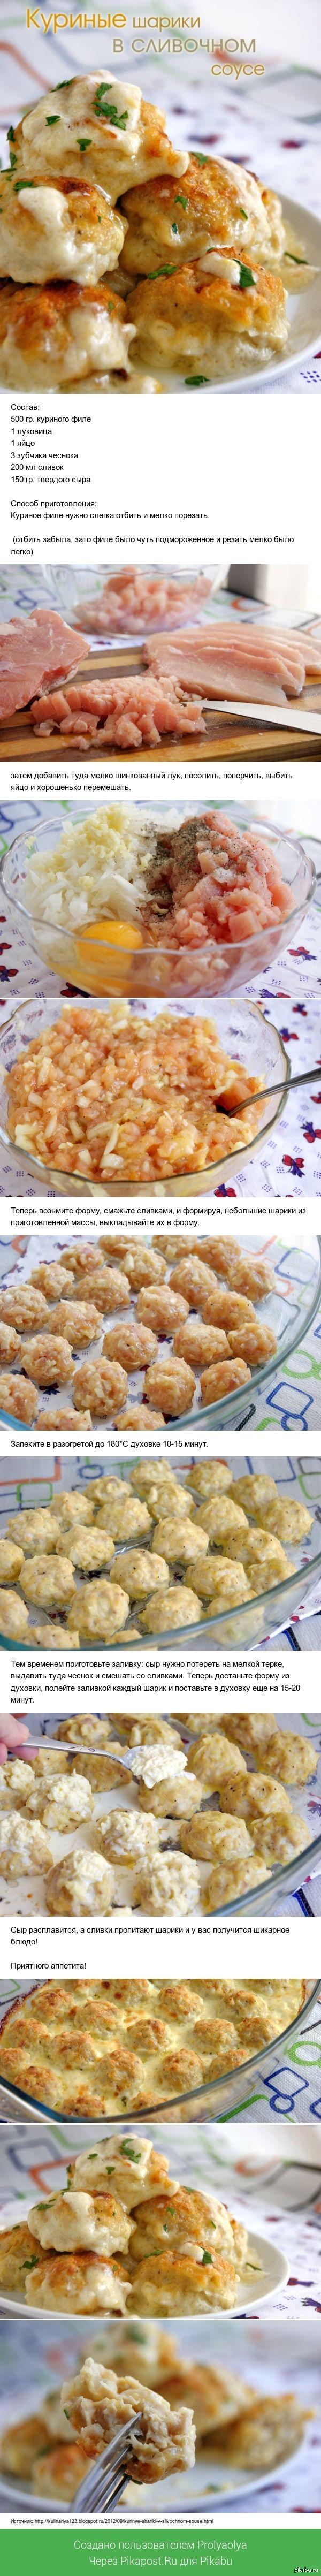 Куриные шарики в сливочном соусе. Осторожно, вкусный длиннопост! Приятного аппетита! :)